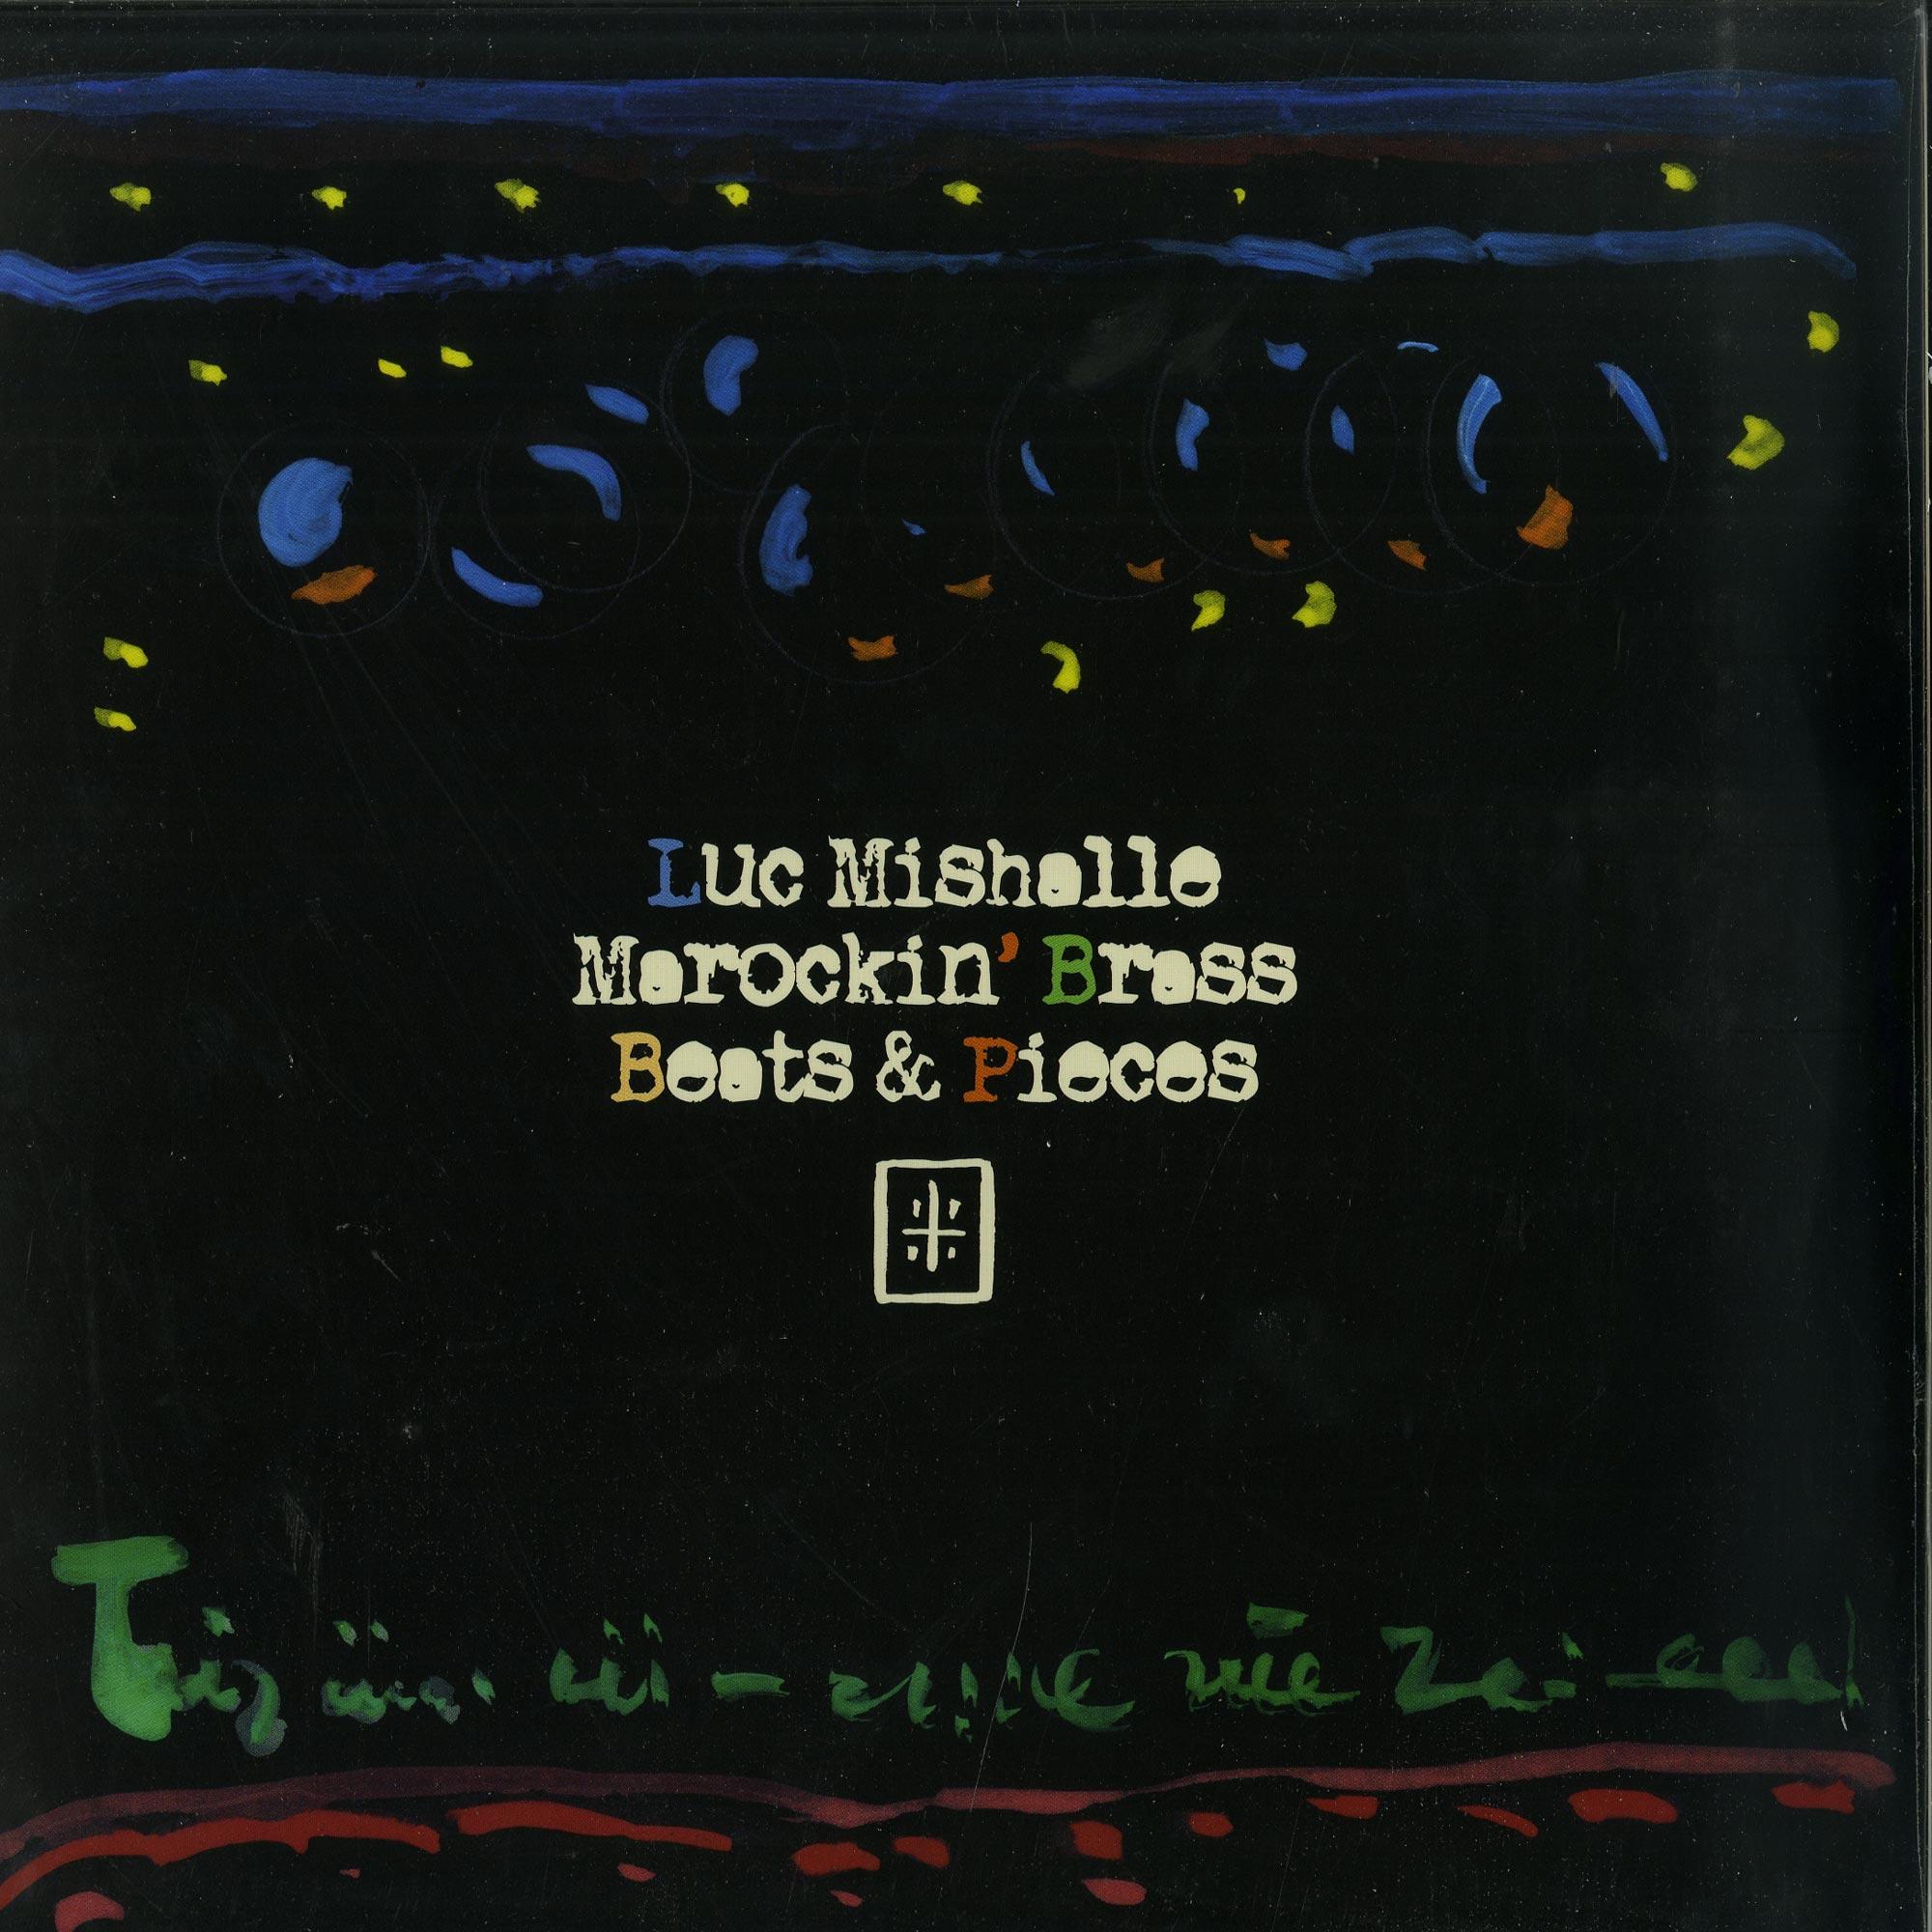 Luc Mishalle & Marockin Brass - BEATS & PIECES